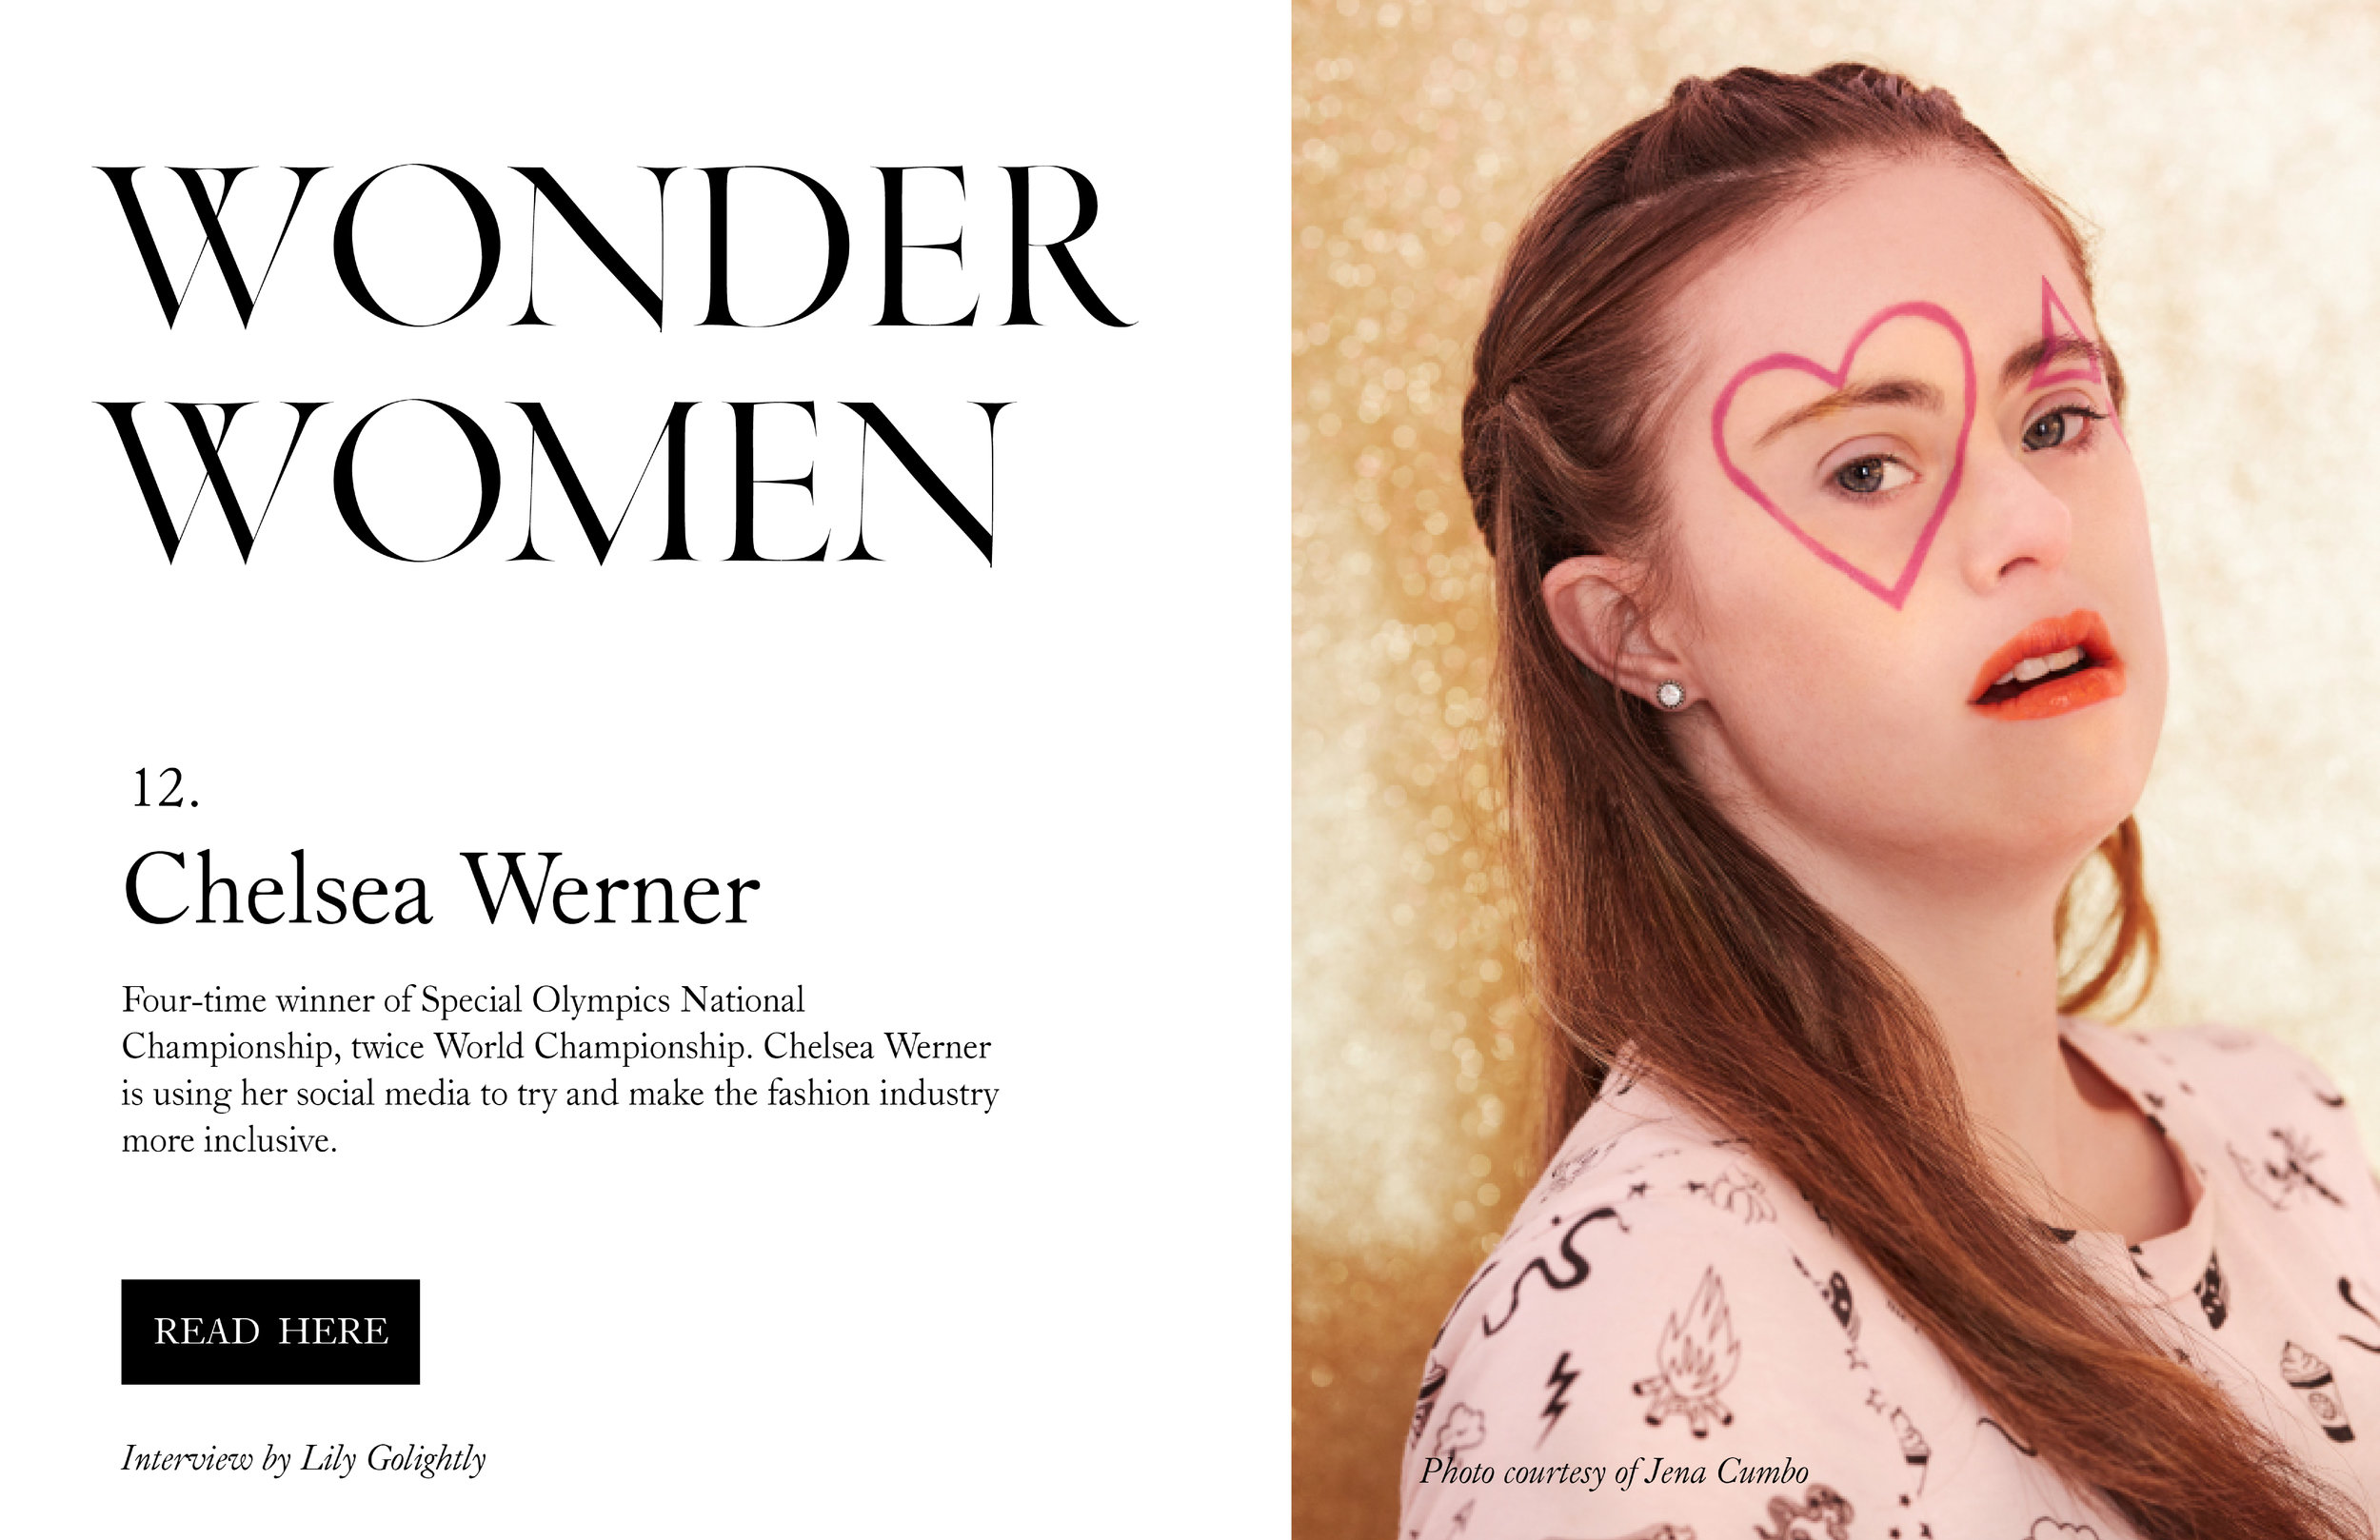 WW_Chelsea_Werner.jpg